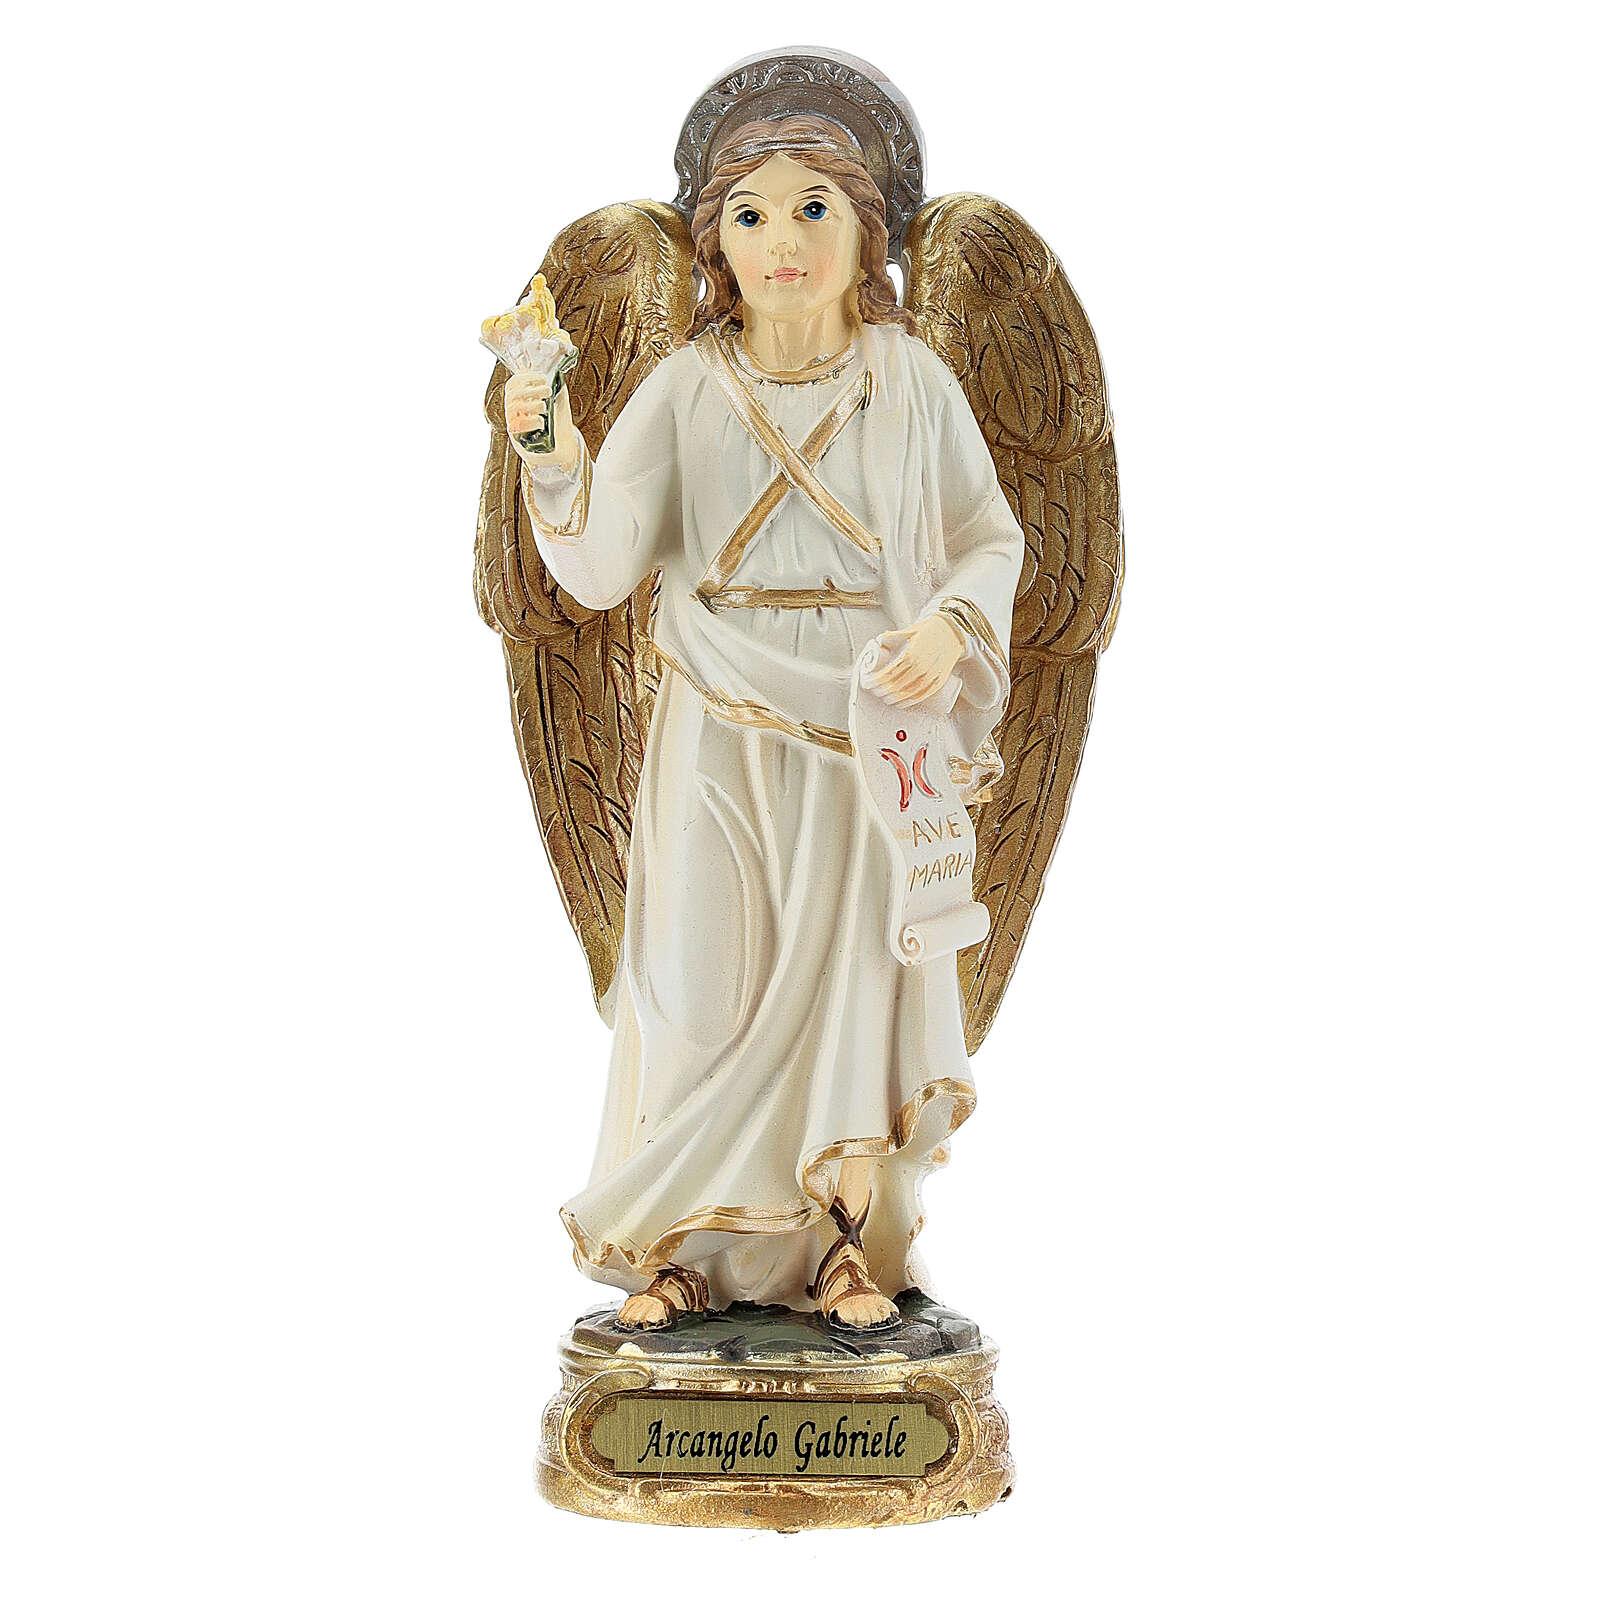 Archange Gabriel blanc or statue résine 12 cm 4